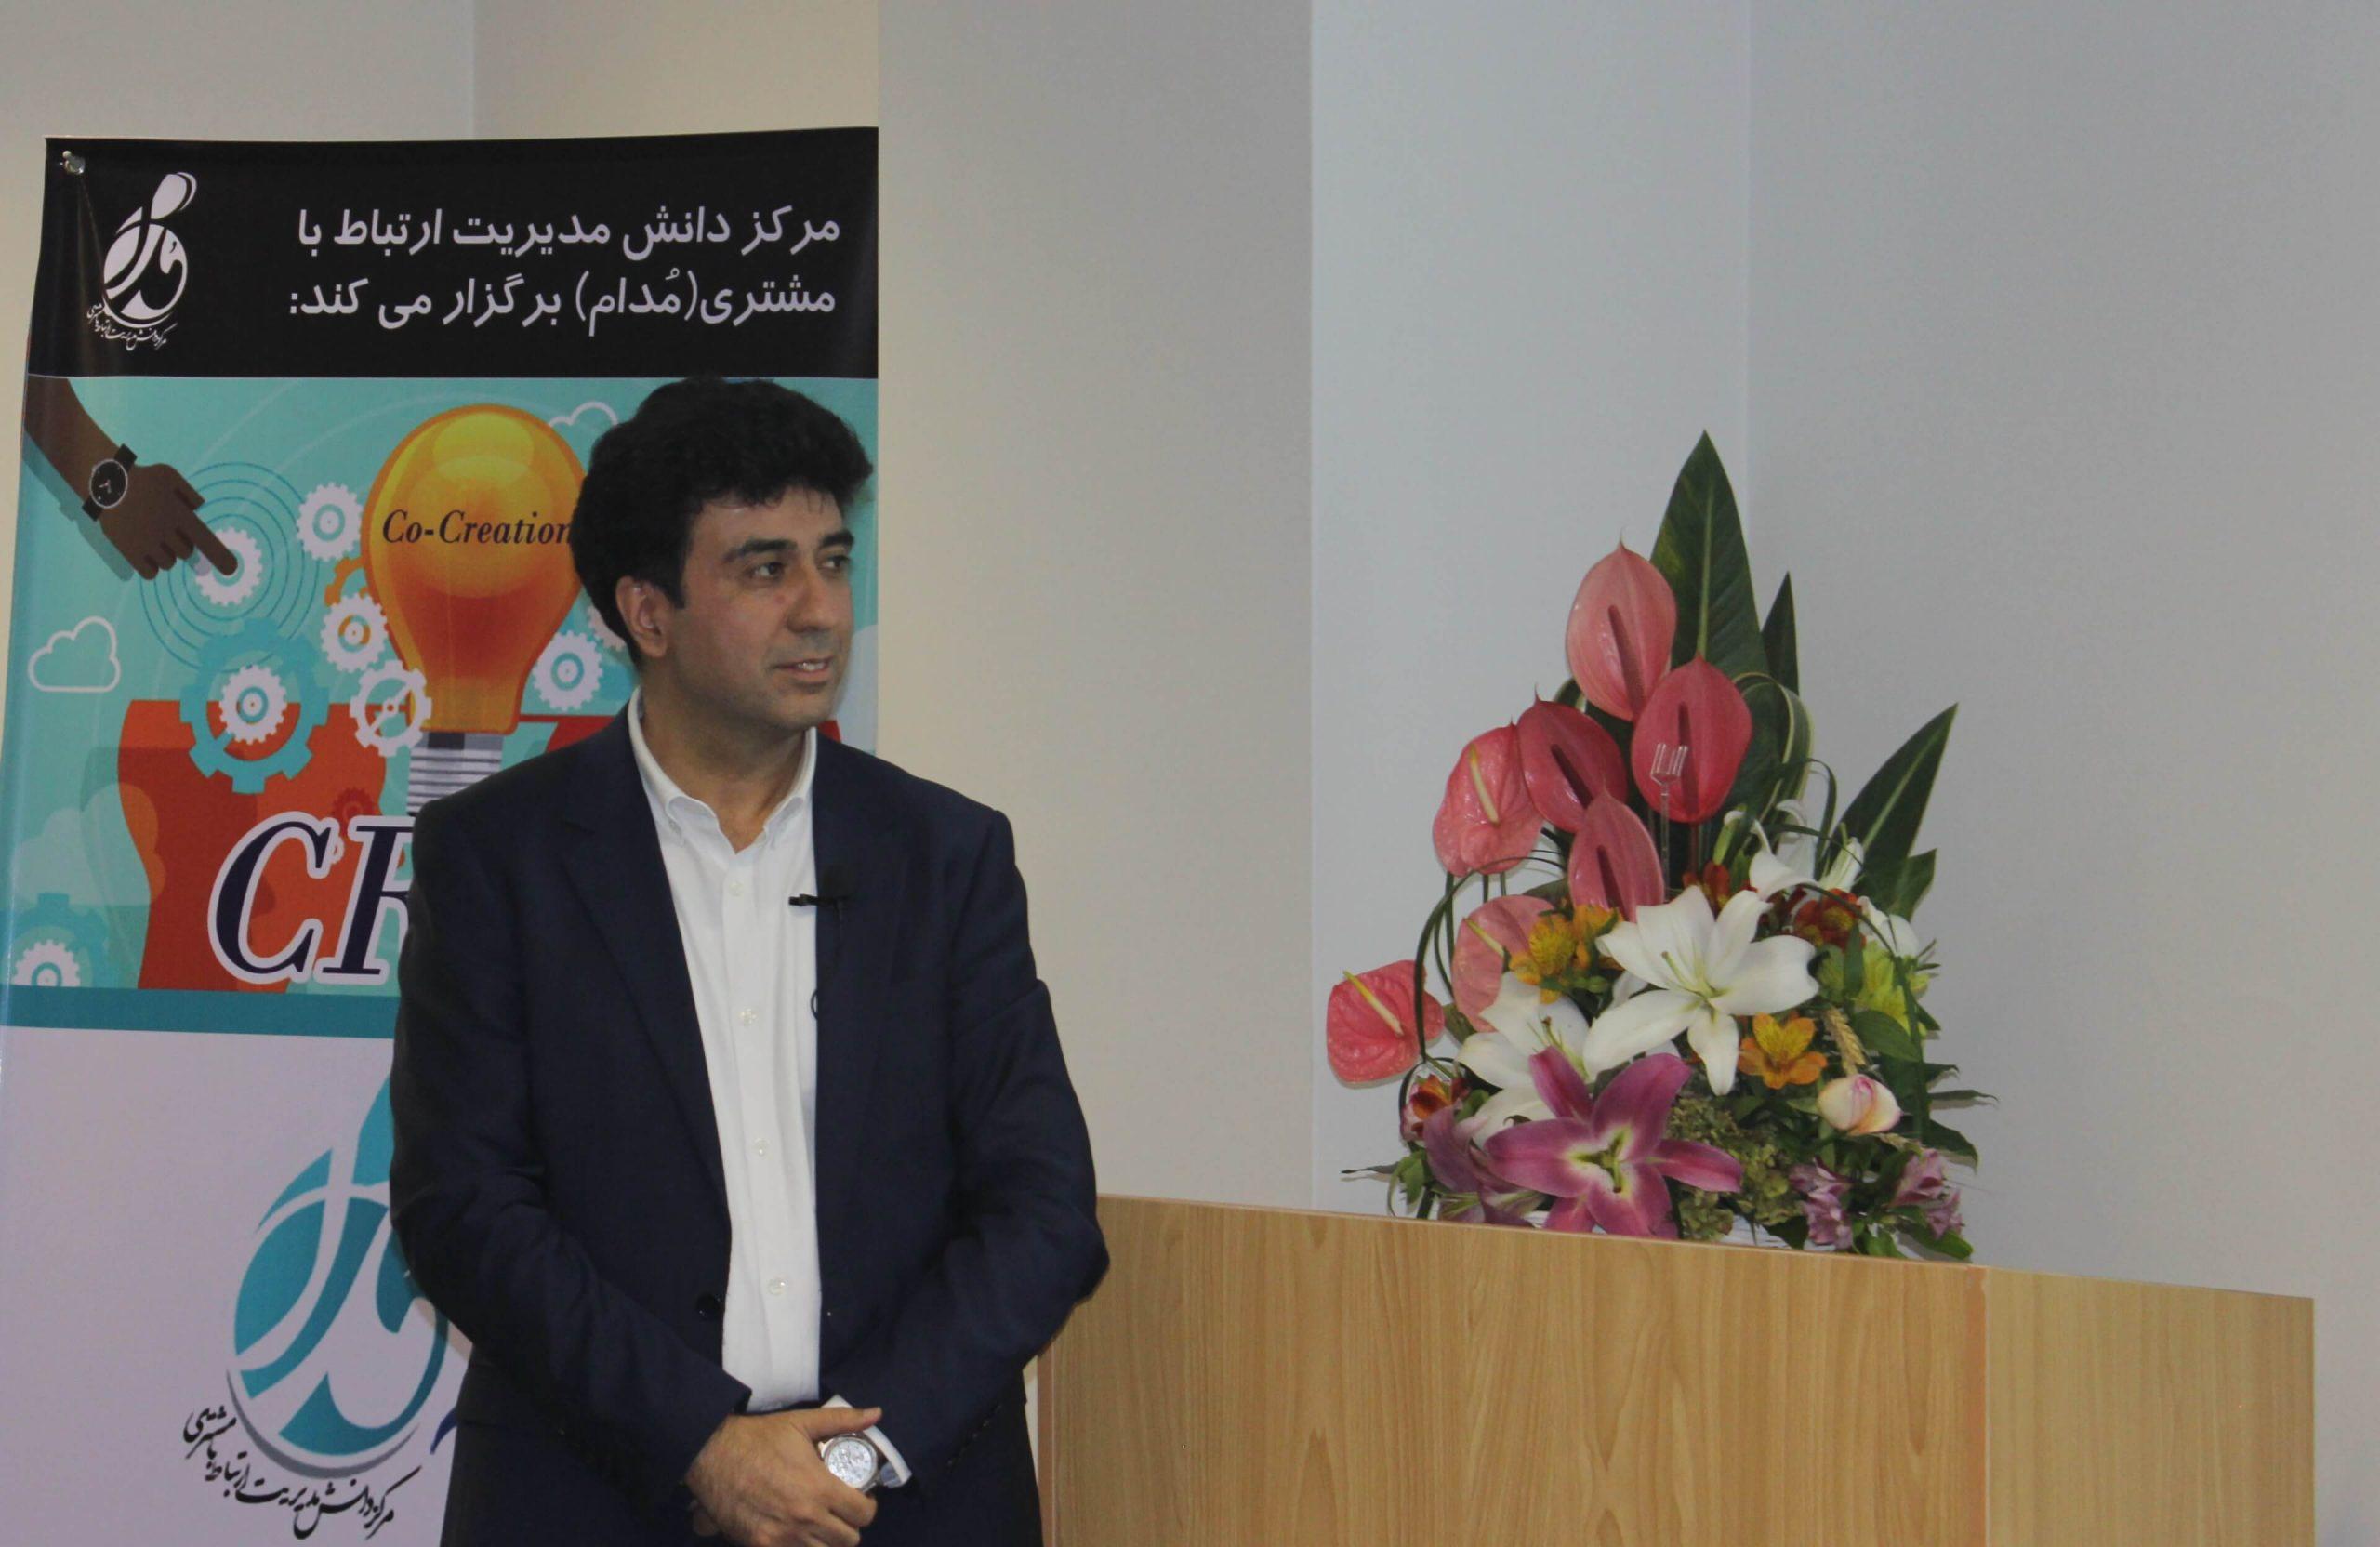 دکتر فرشید عبدی مشاور ارشد استقرار CRM